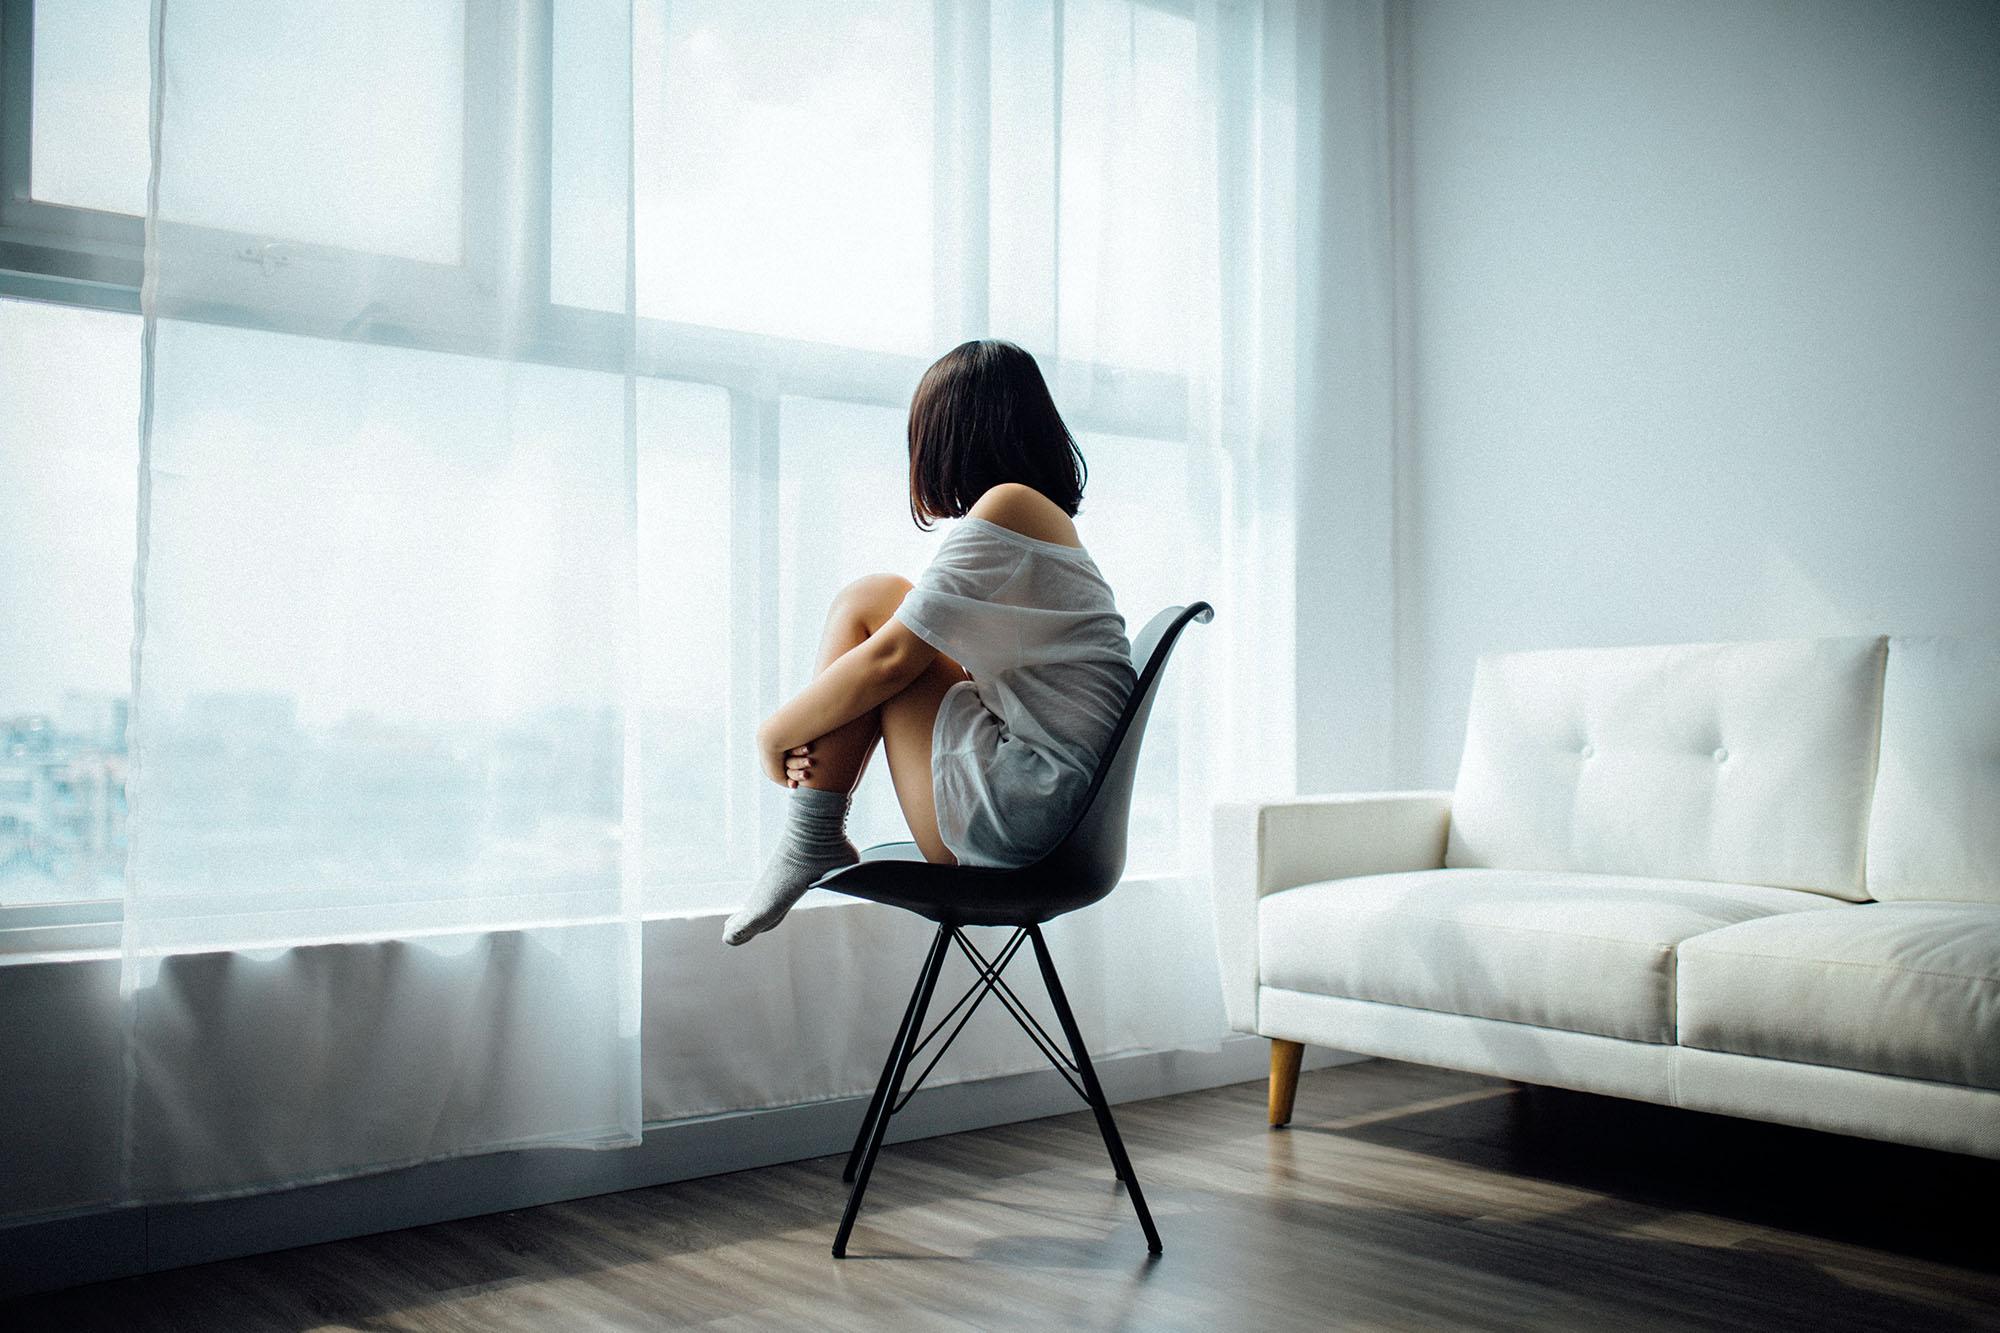 Cô gái ngồi một mình mặc cảm